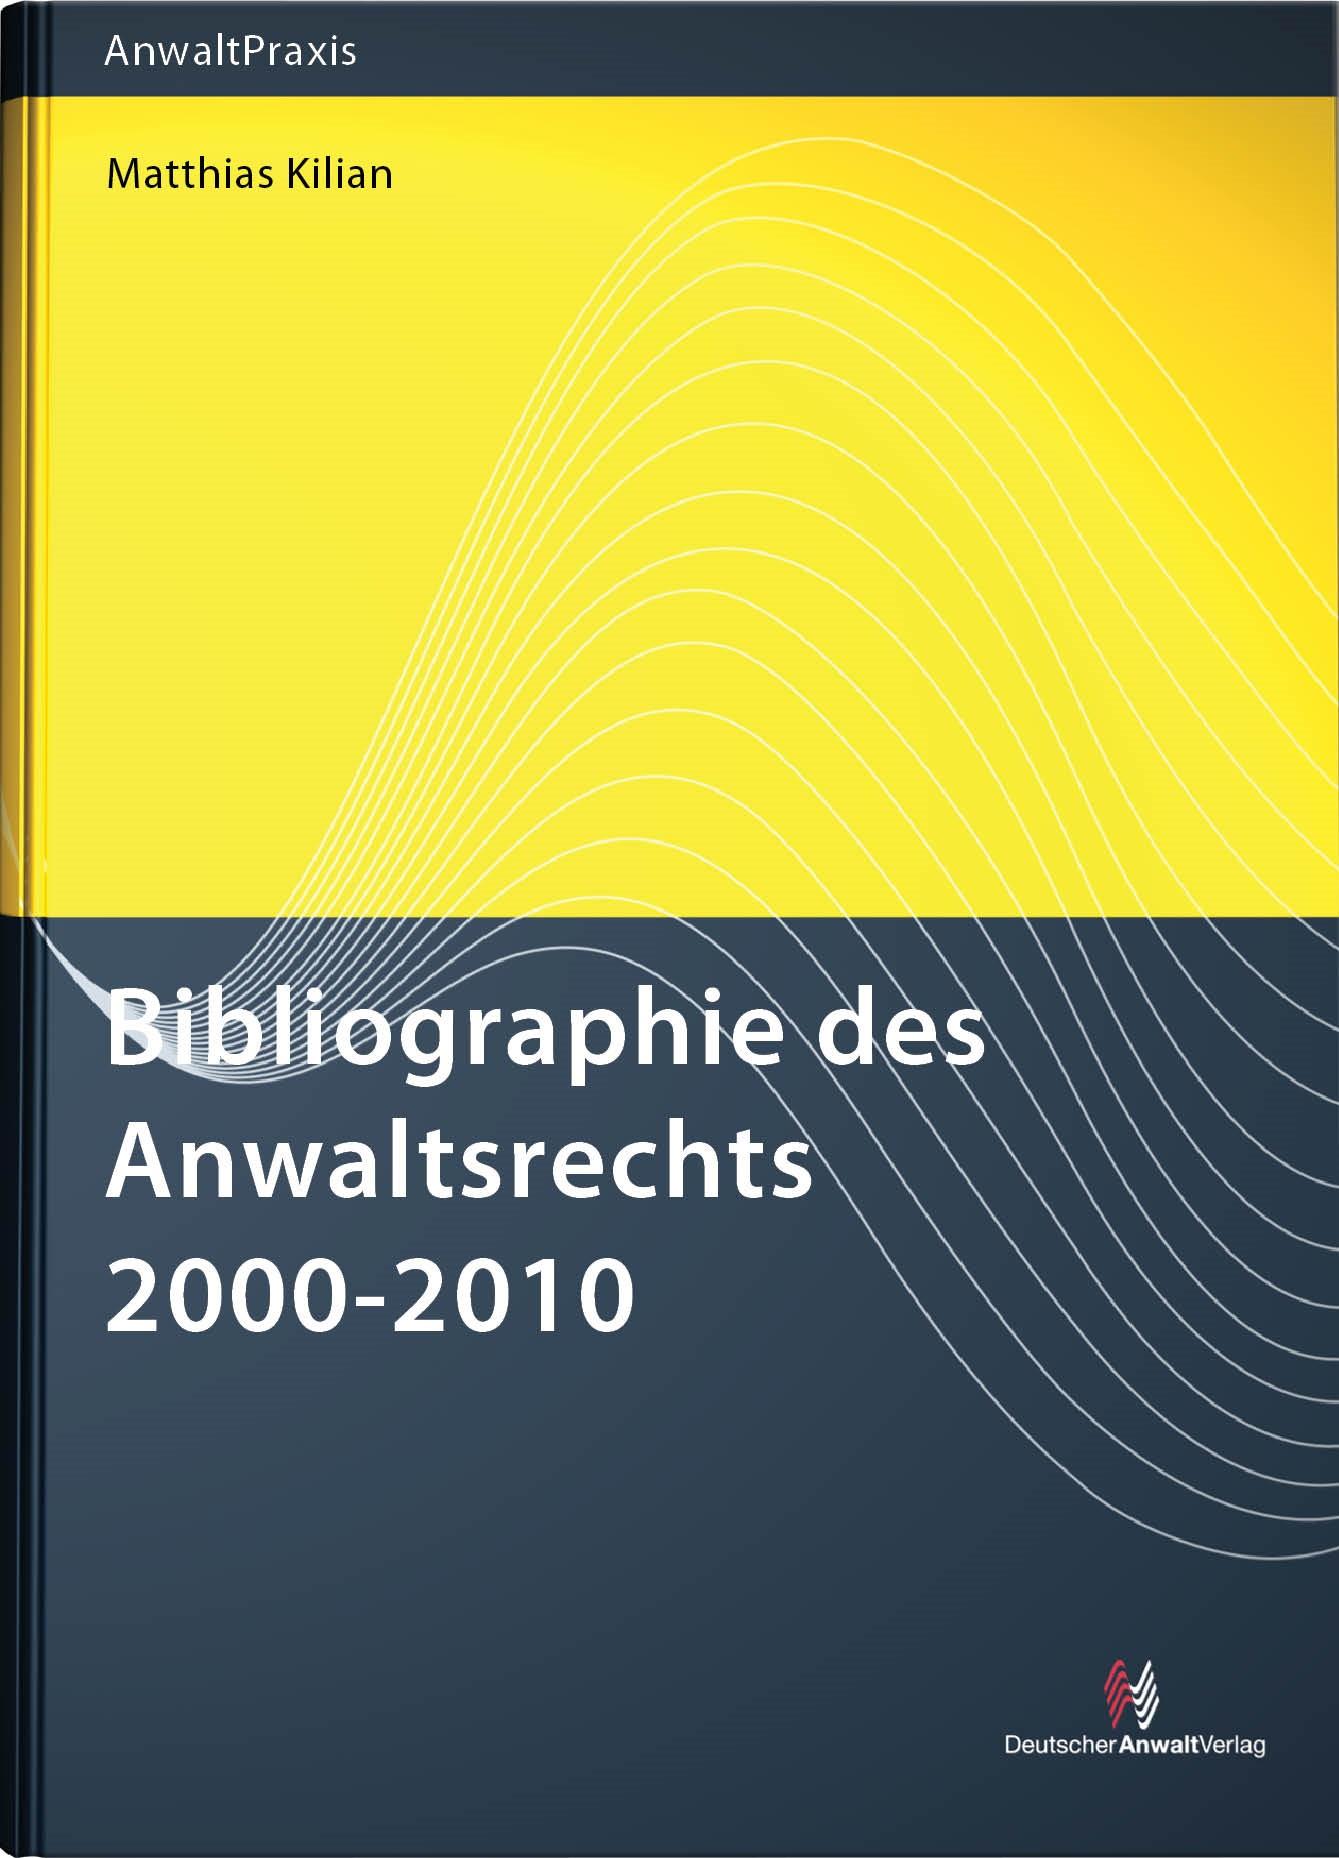 Bibliographie des Anwaltsrechts 2000-2010 | Kilian | 1. Auflage 2012, 2011 | Buch (Cover)